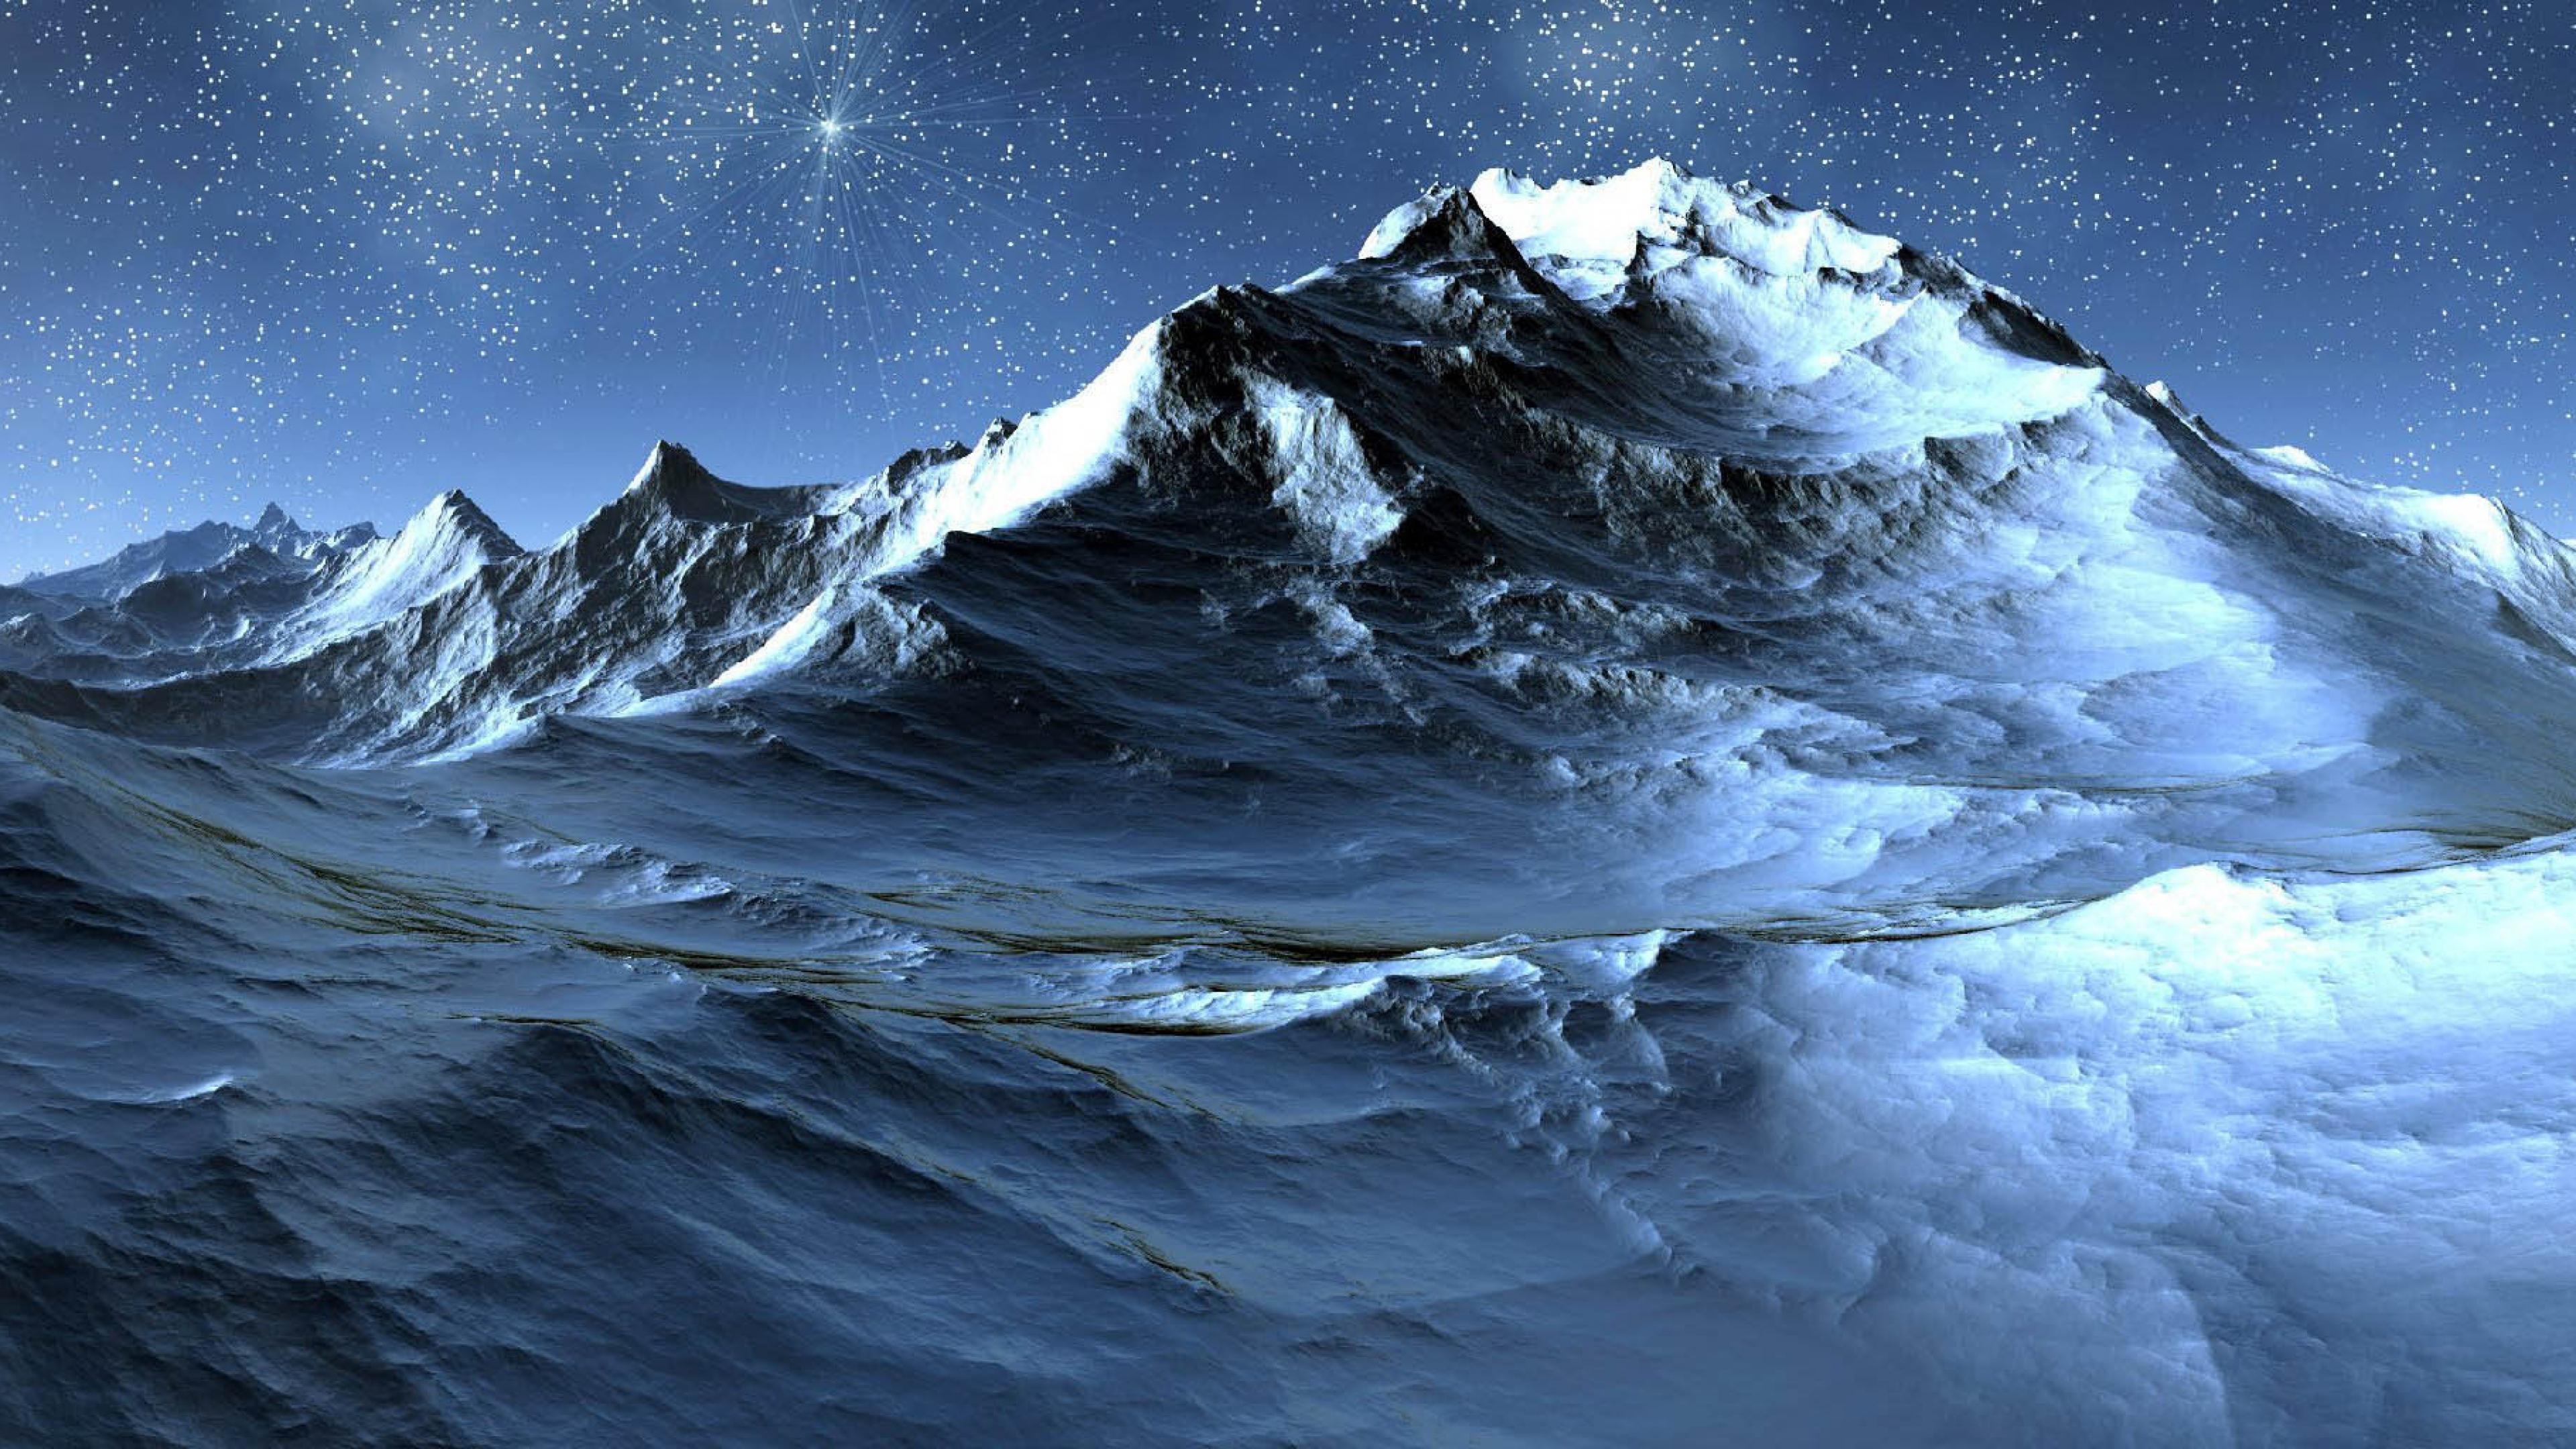 природа космос горы скалы небо звезды ночь  № 851824 загрузить